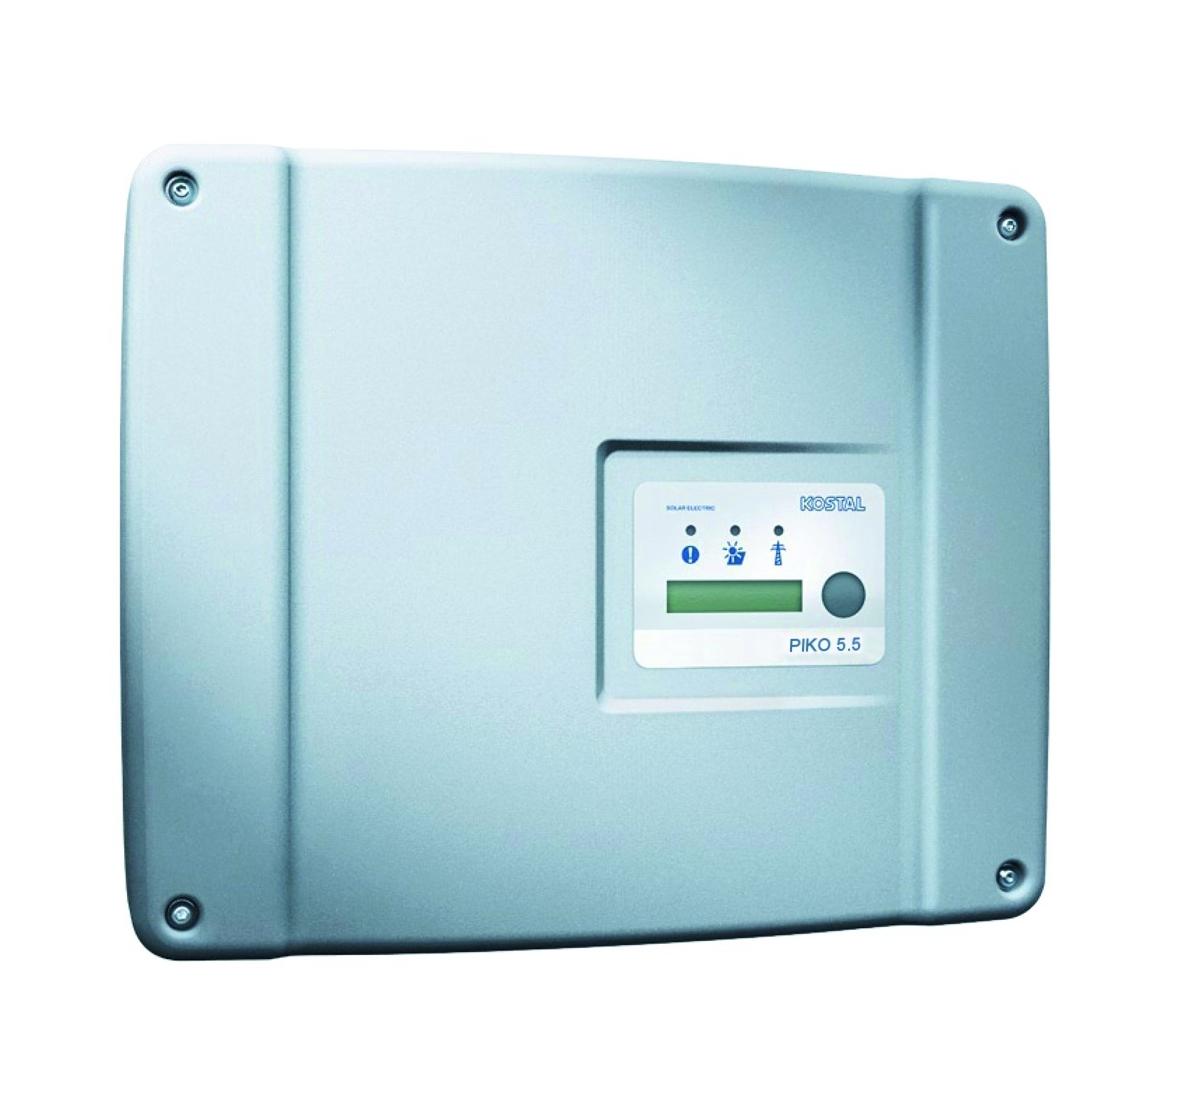 1 Stk Wechselrichter Piko 5.5 DCS, 5 kW, 3ph, IP55, 3 MppTracker PVI35000--